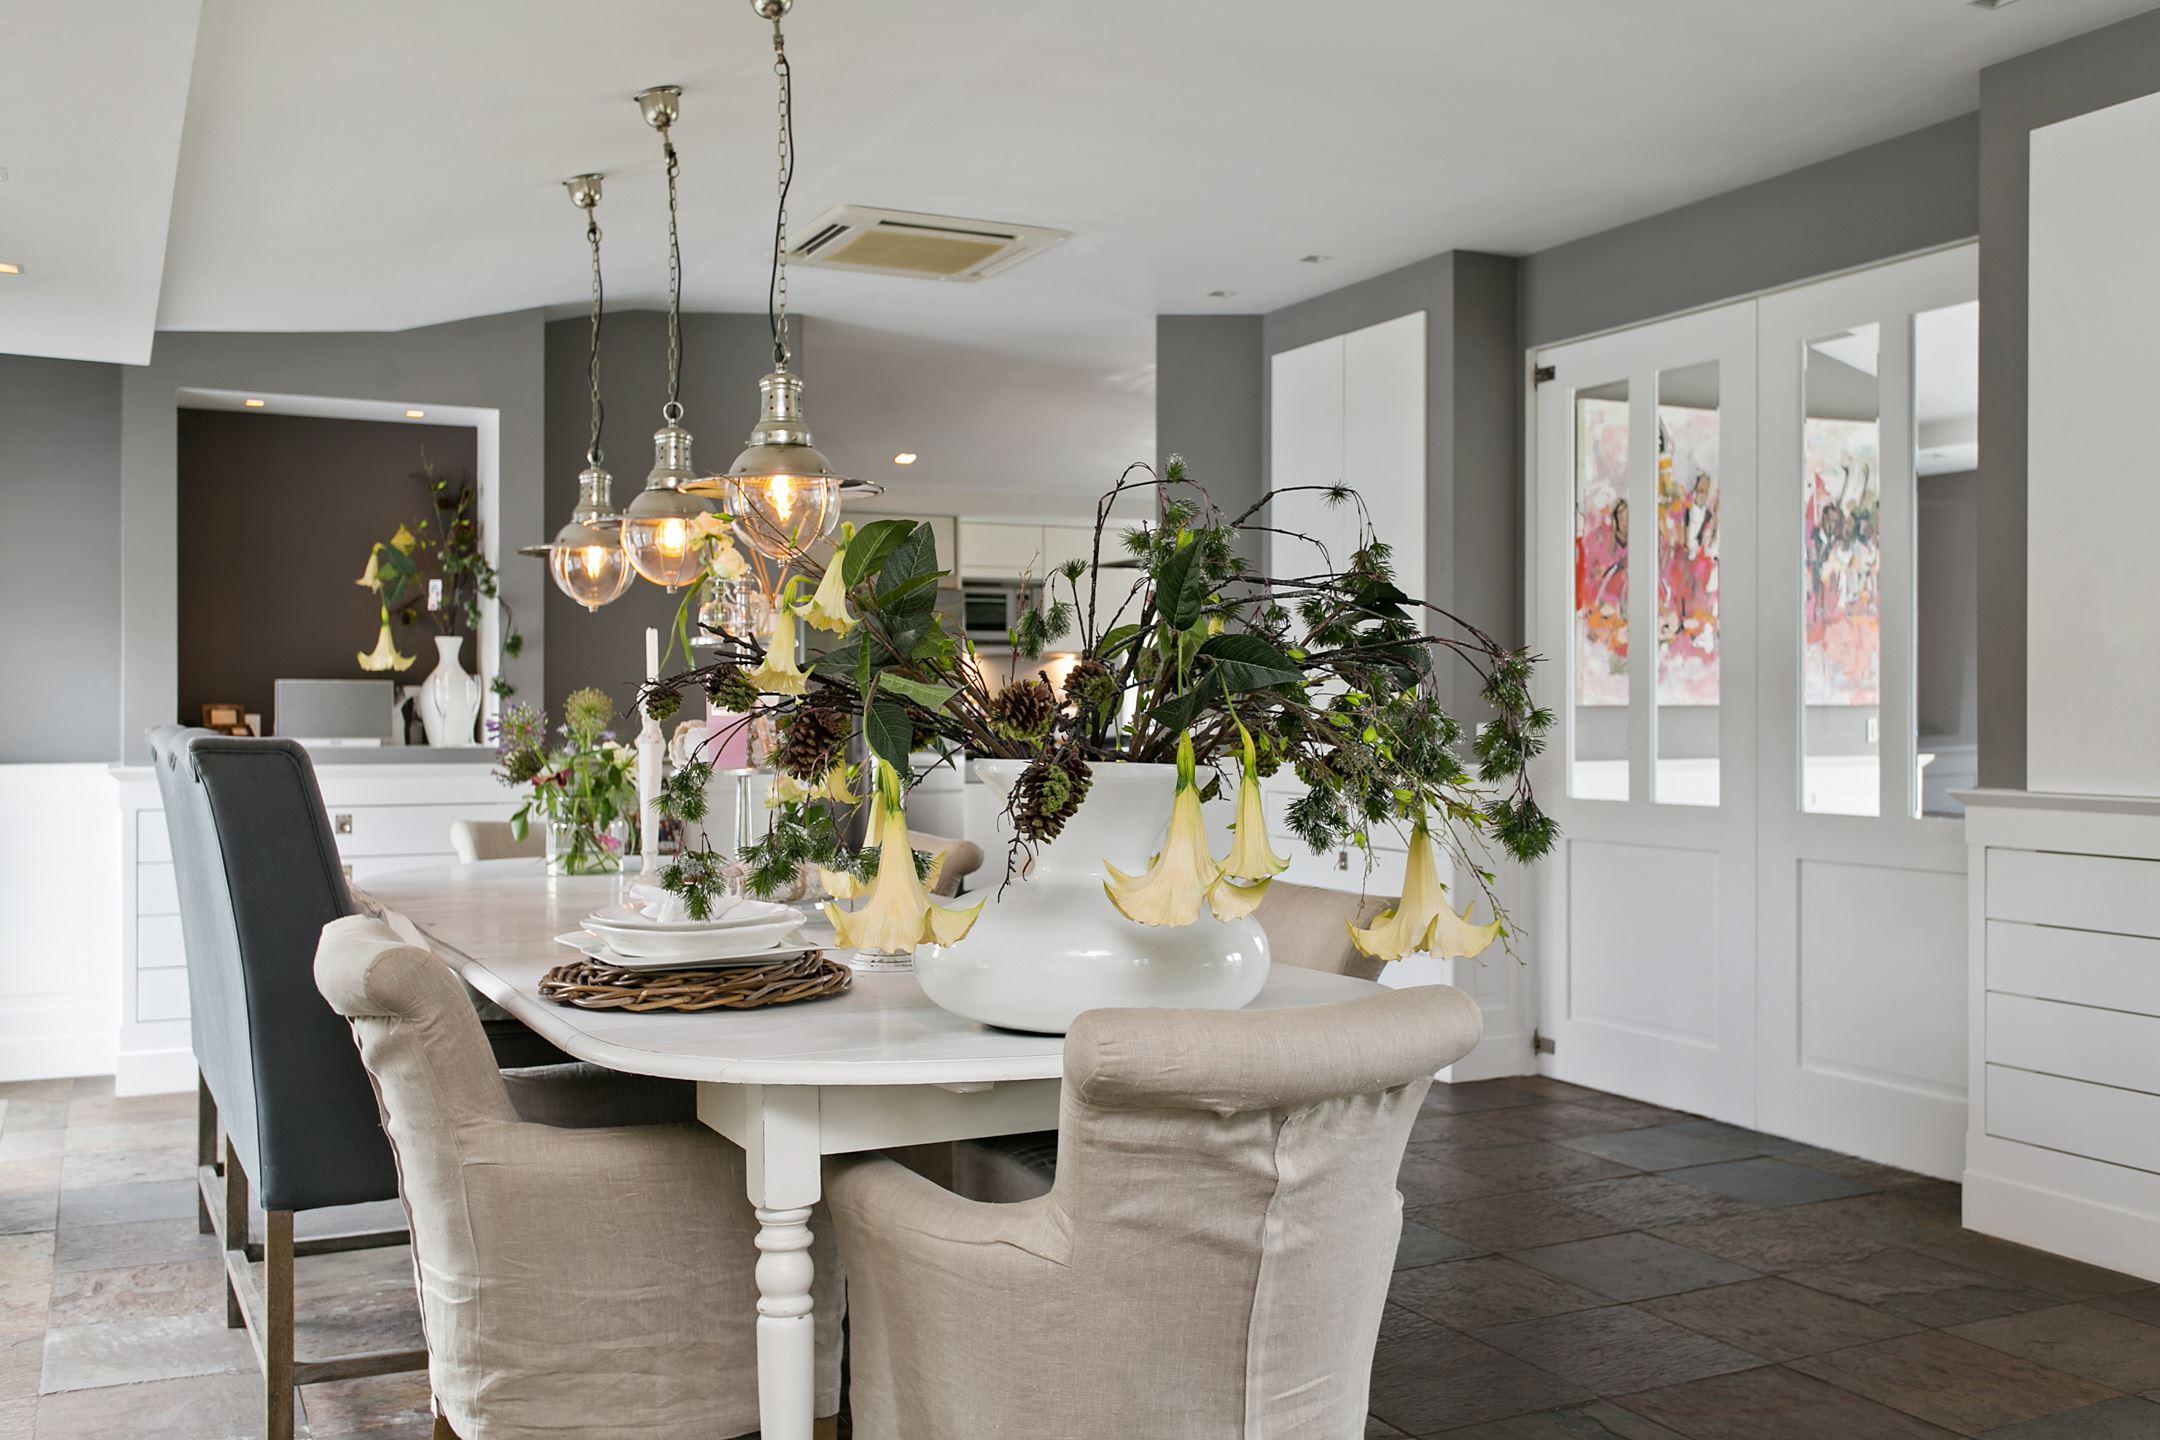 подвесные лампы над столом